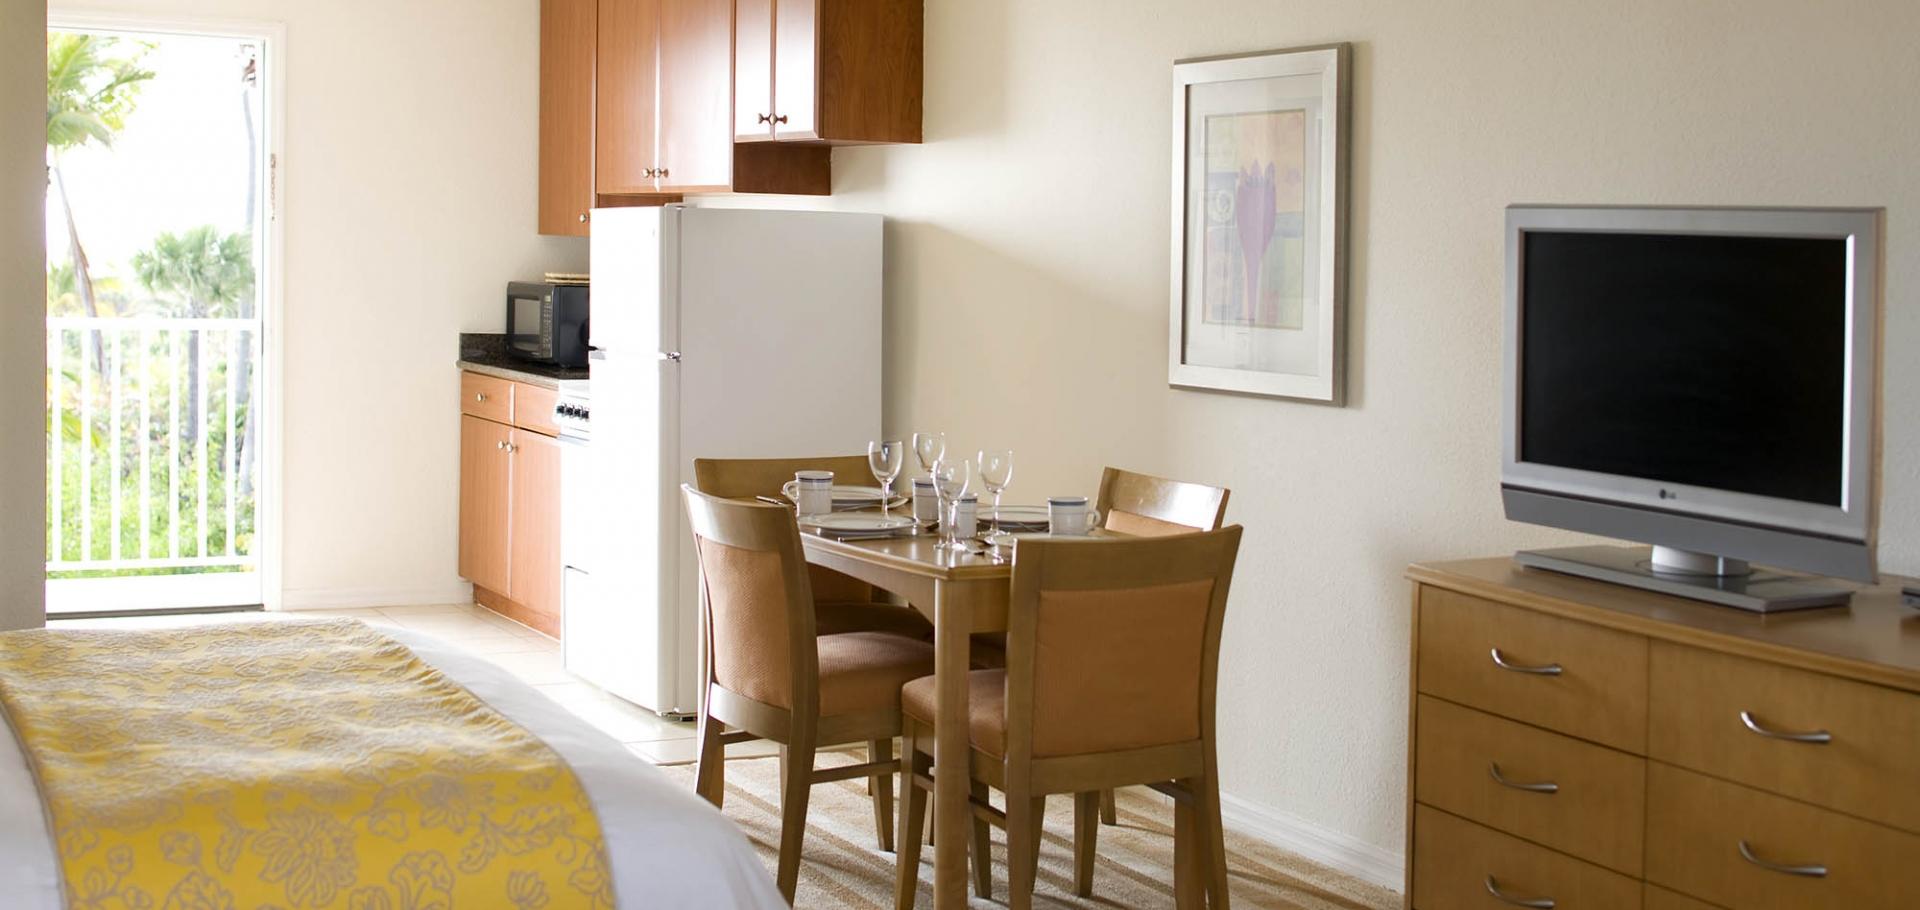 Sunset Beach Inn 1 bedroom suite kitchen